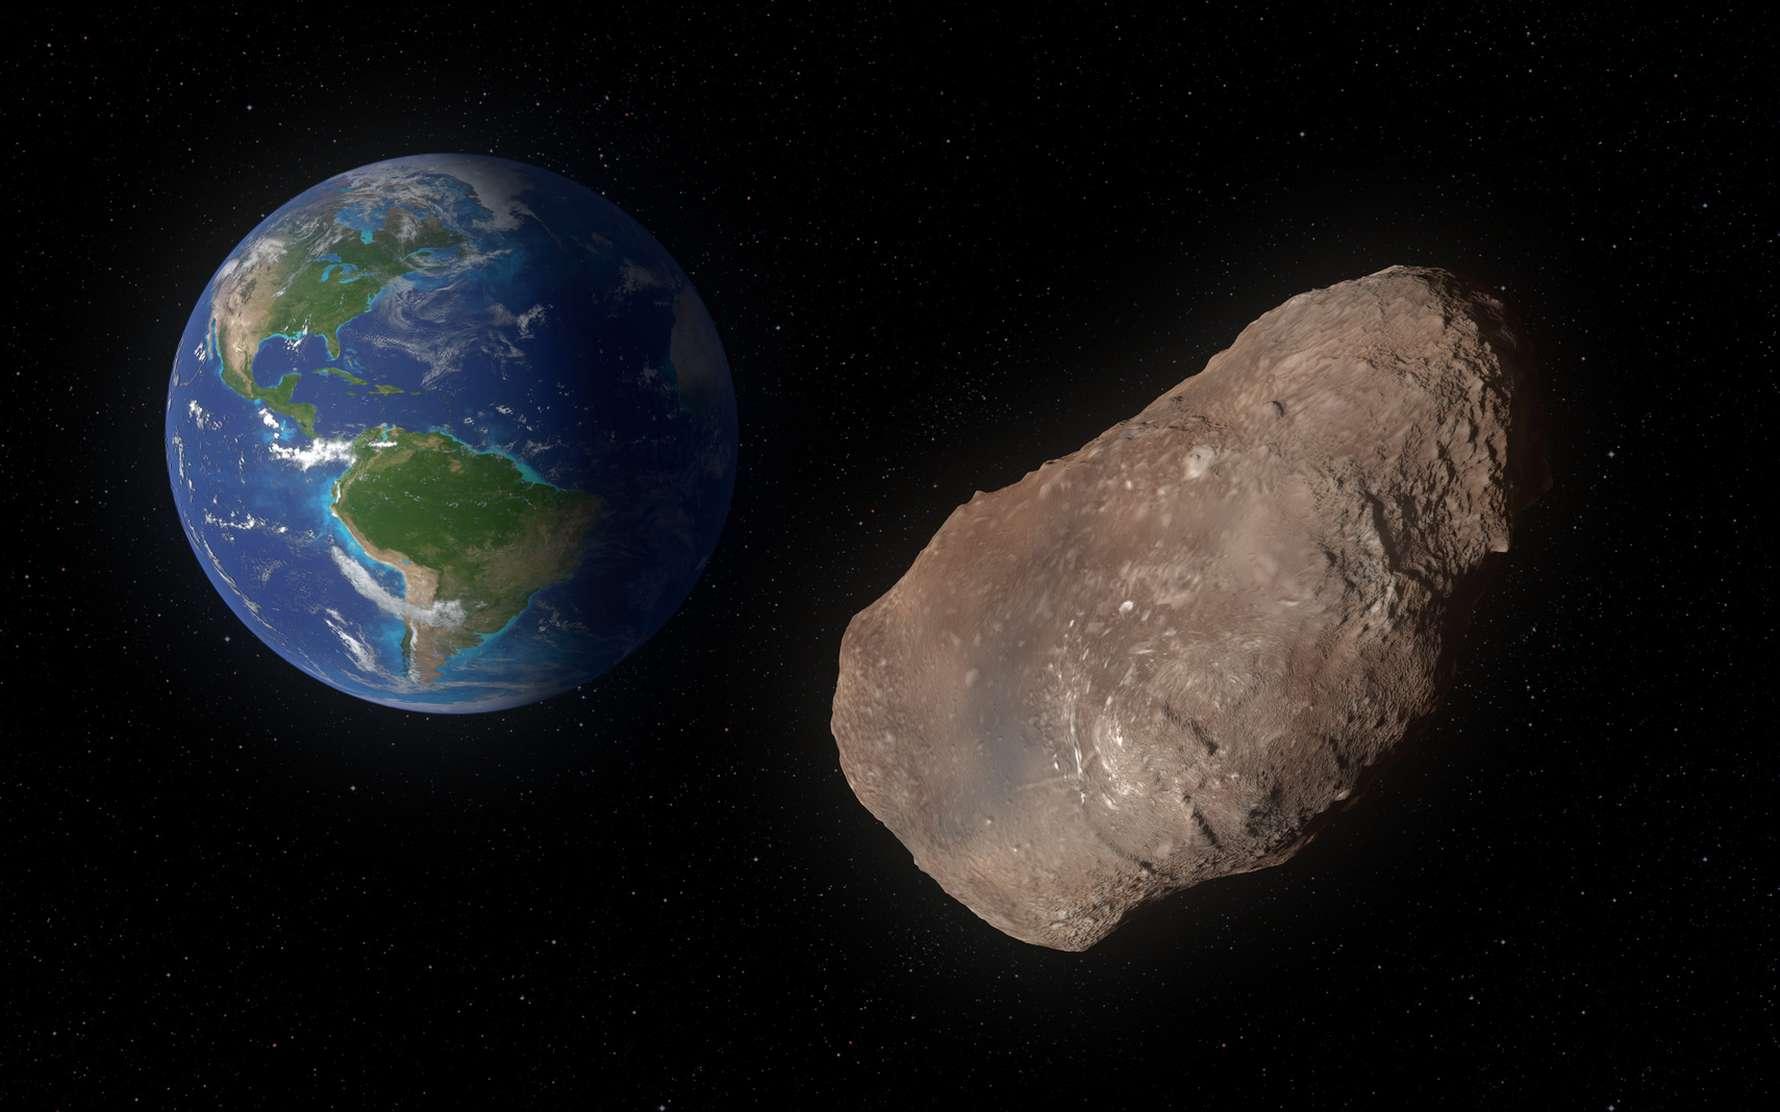 Un astéroïde d'environ 1 km va passer près de la Terre le 4 février. Ici, illustration de l'astéroïde 2002 AJ129 frôlant la Terre. © ordus, Fotolia